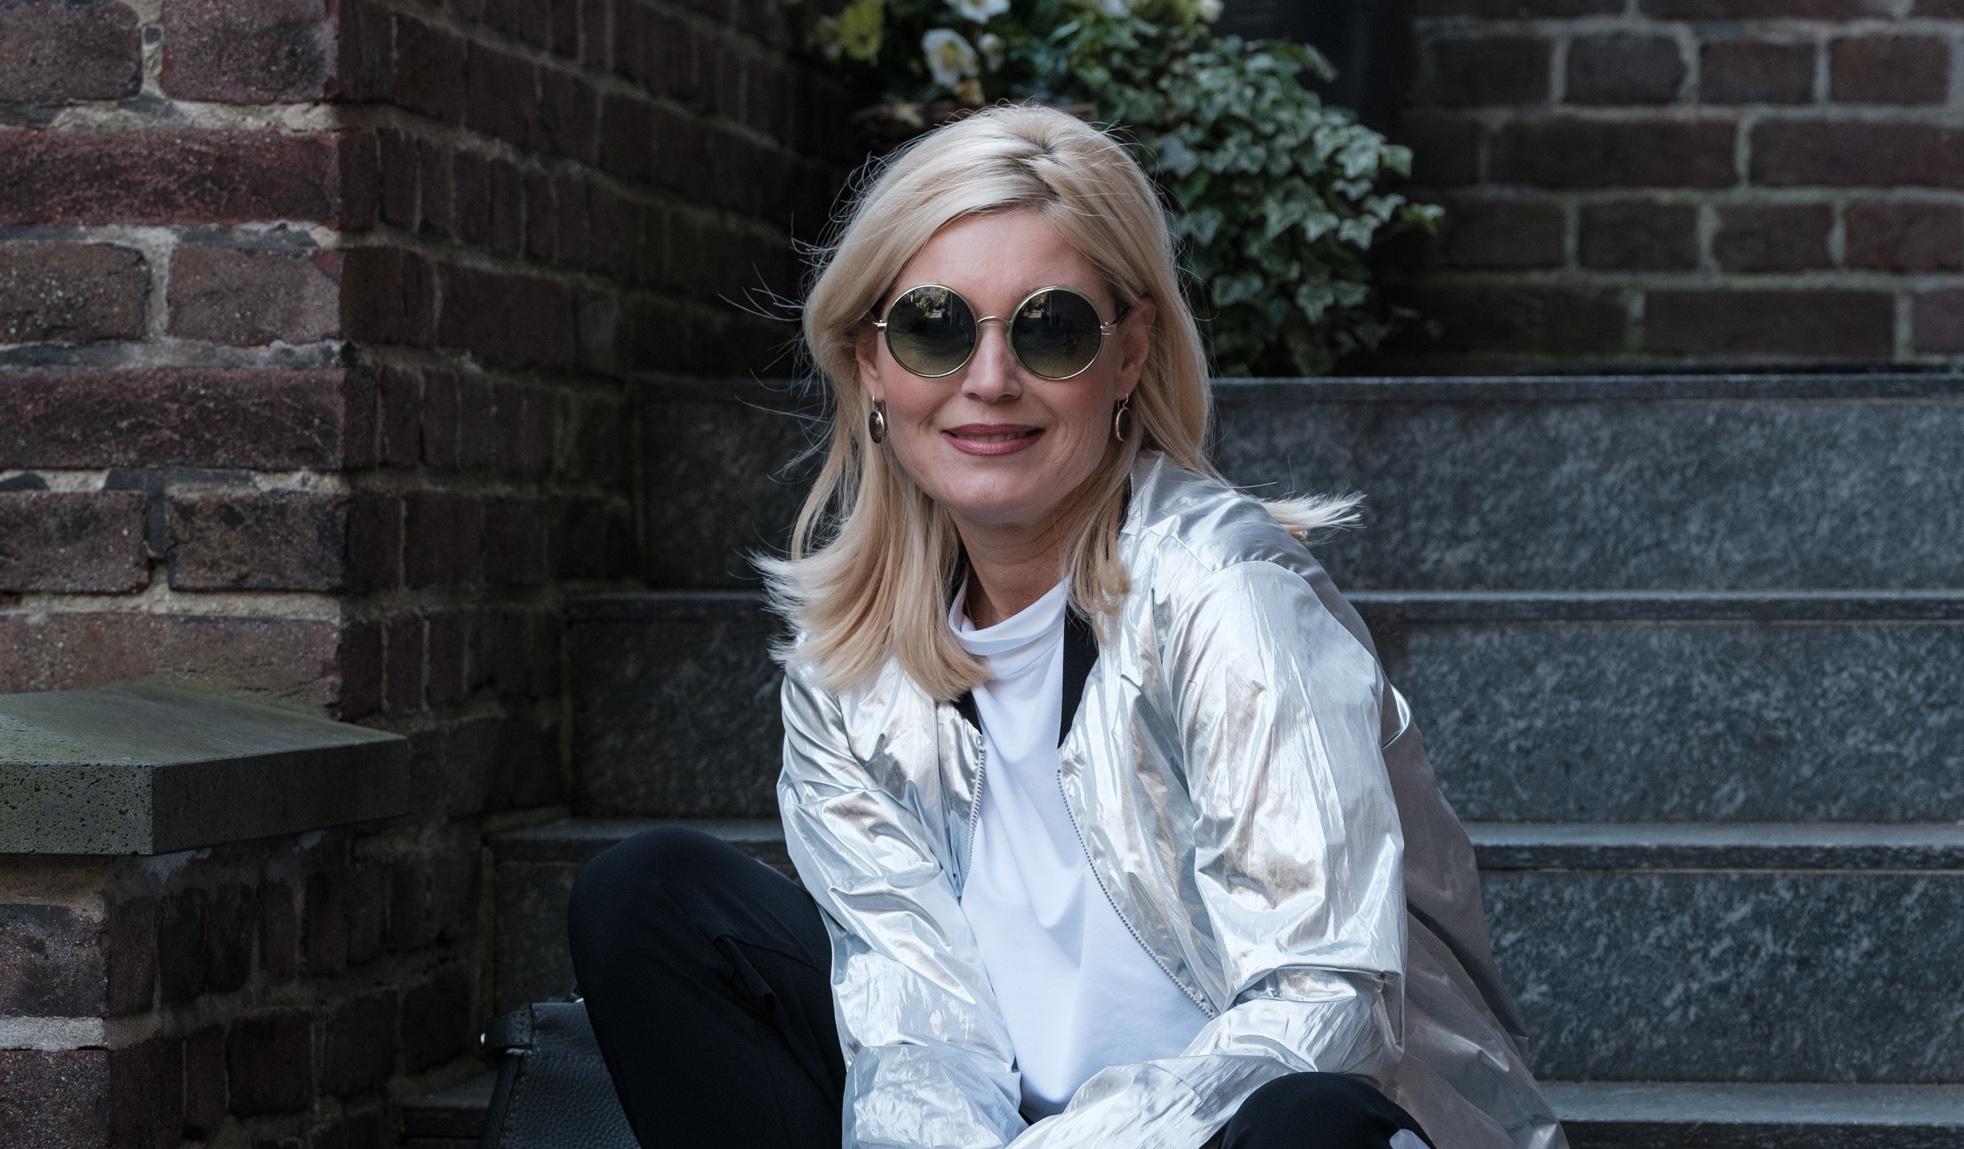 Minx Mode, Eva Lutz Mode, Minx Fashion, Blouson silber, silber Blouson, DeutscheModedesigner, fashion-blog, fashion-blog Lieblingsstil, Lieblingsstil.com,